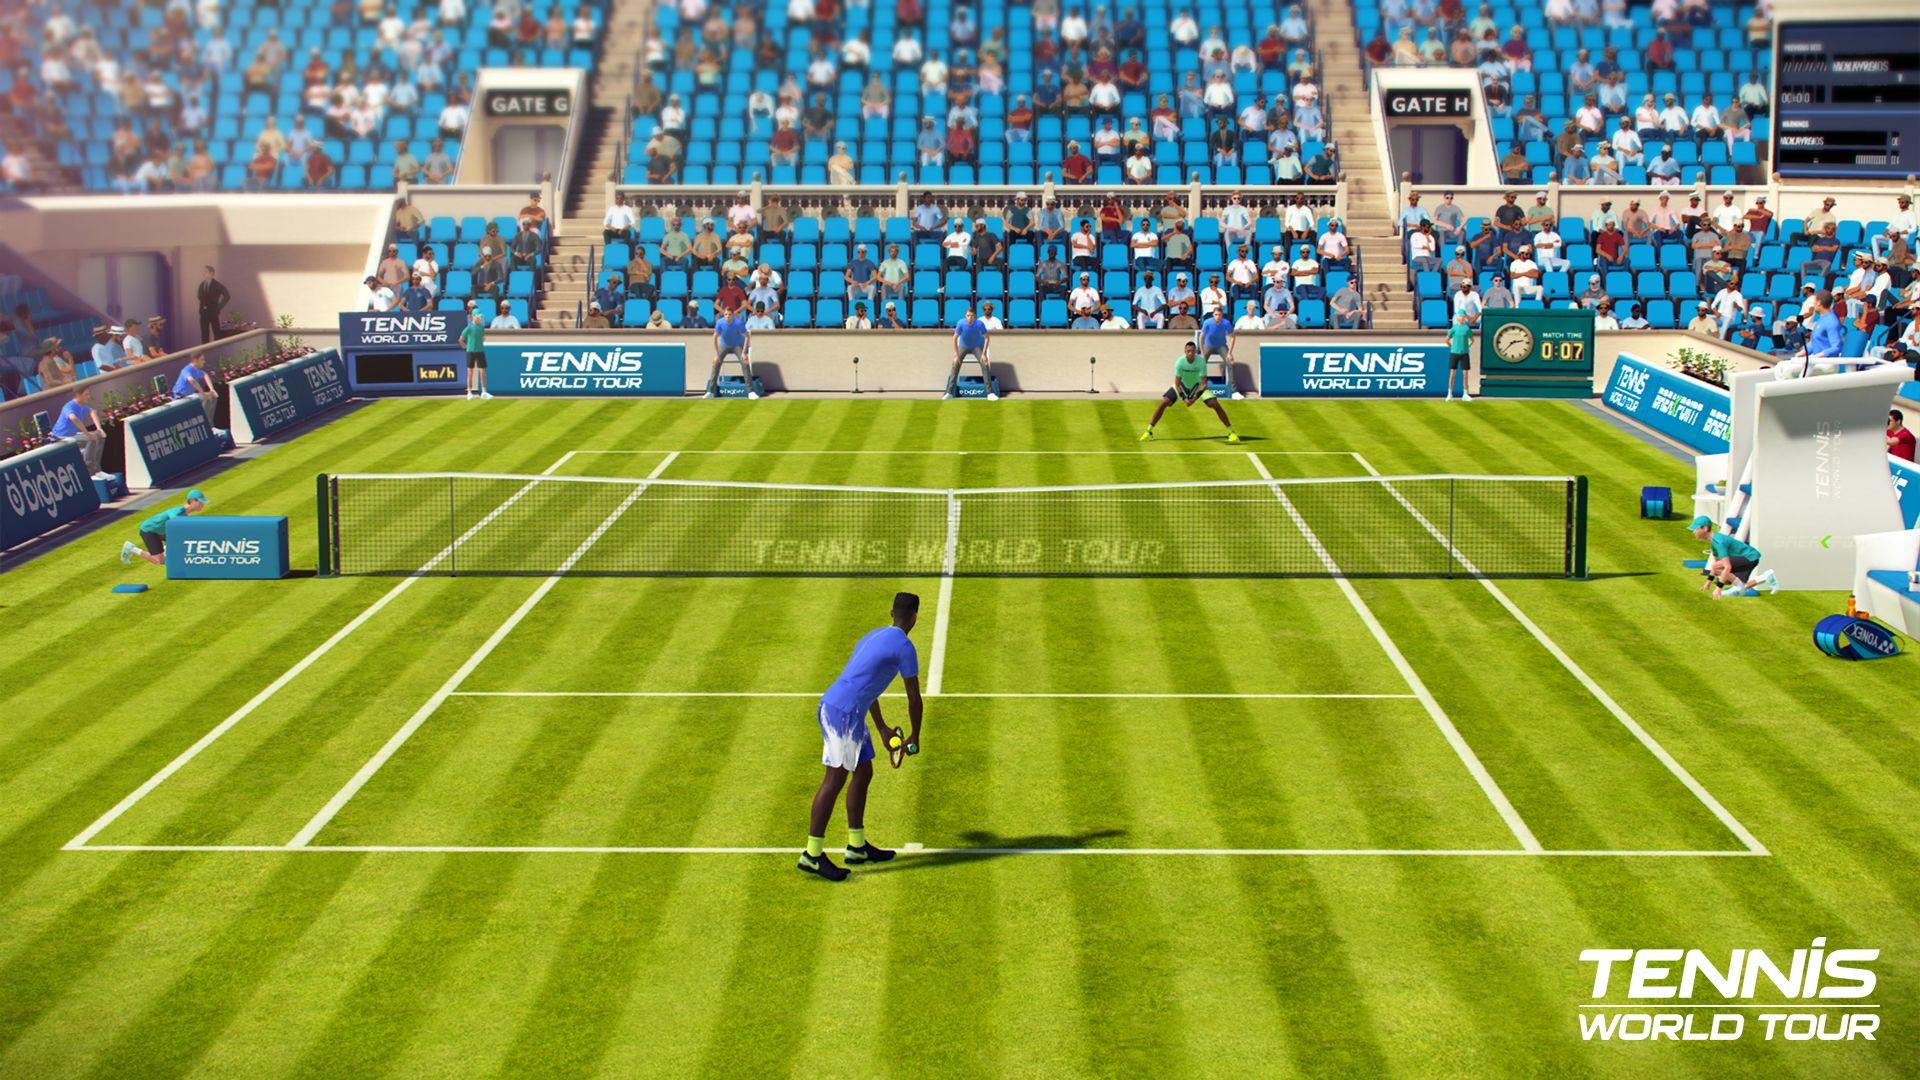 Tennis World Tour Affiliate Tennis World Tour Tennis World Tours World